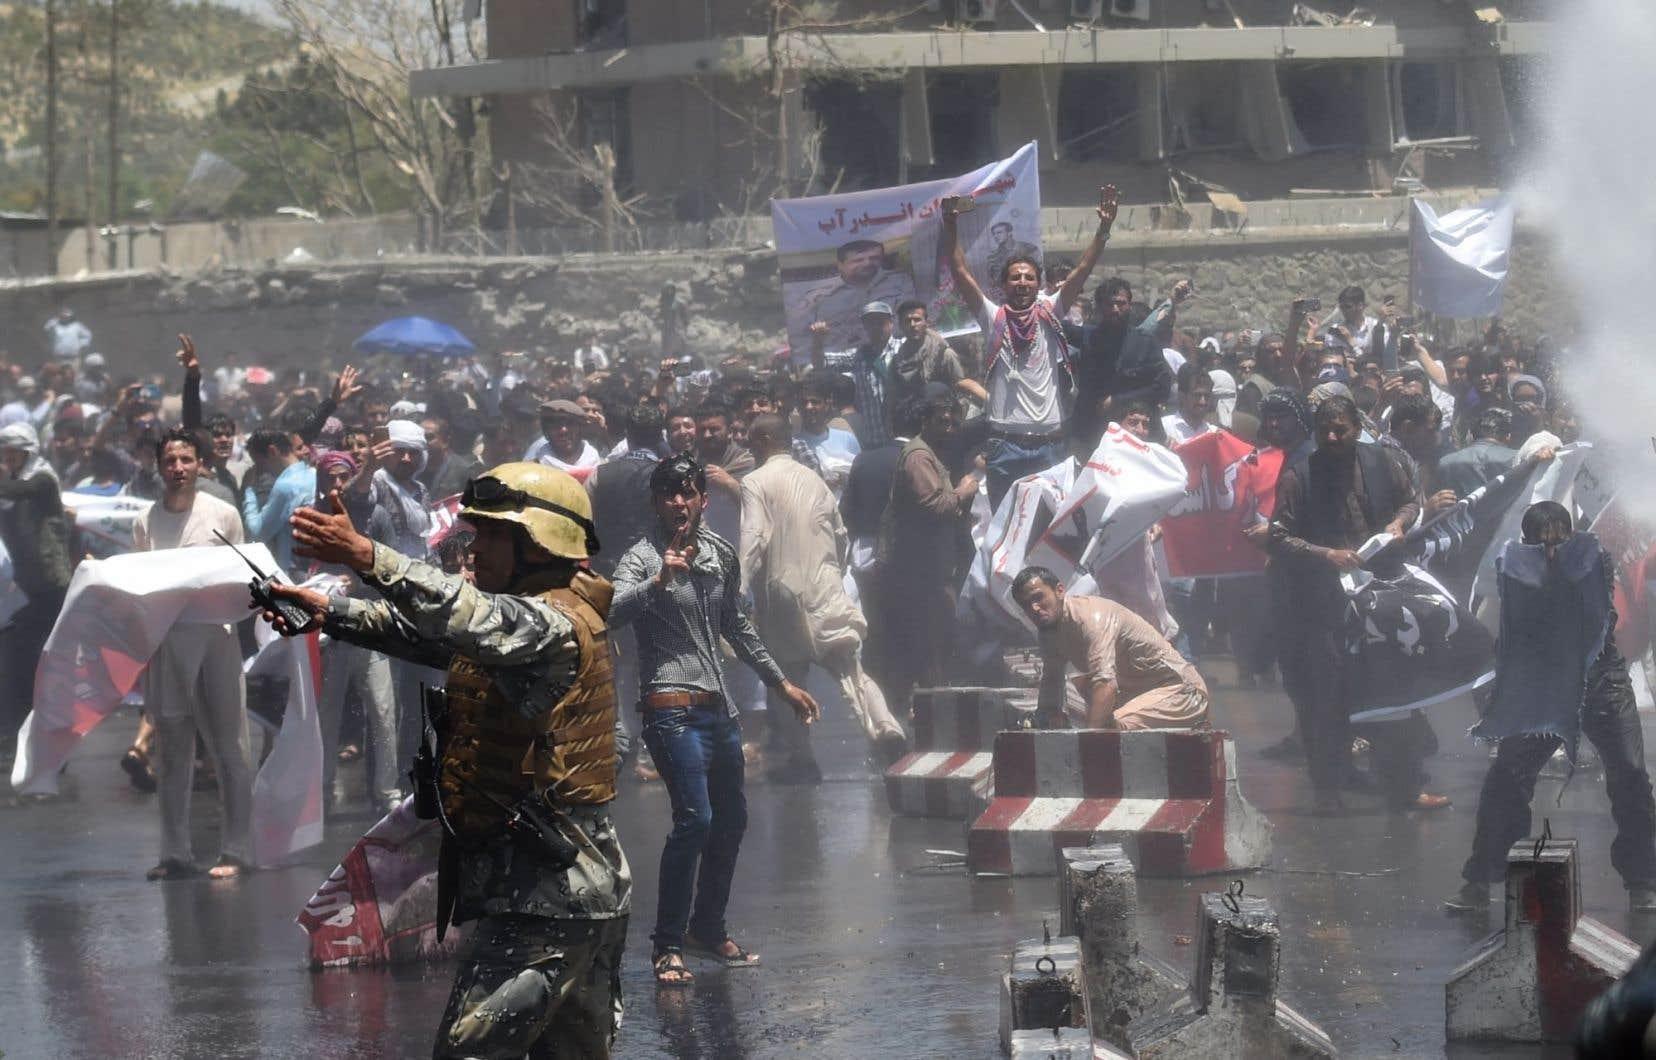 Les manifestants, dont certains armés de pierres, s'étaient rassemblés près du site de l'explosion, scandant des slogans antigouvernementaux, et «Mort aux talibans».